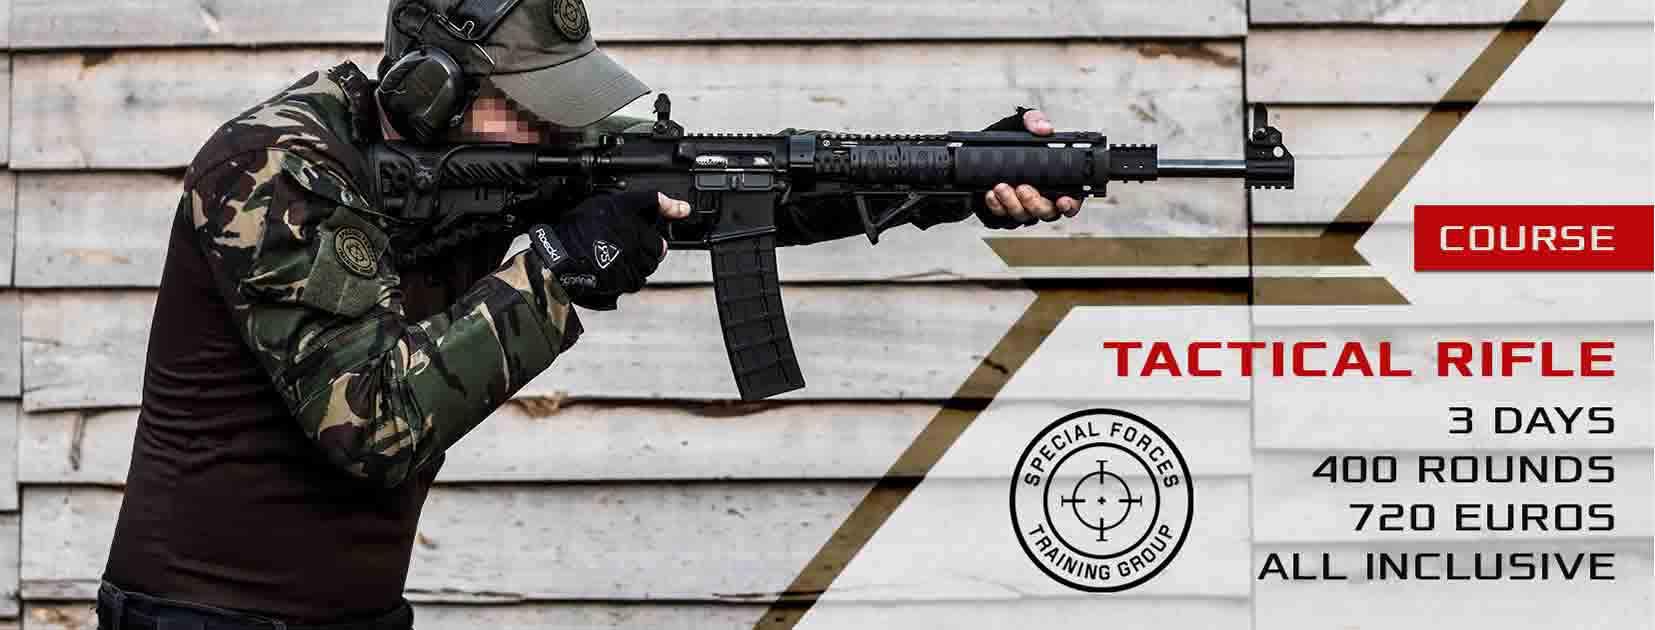 rifle_R